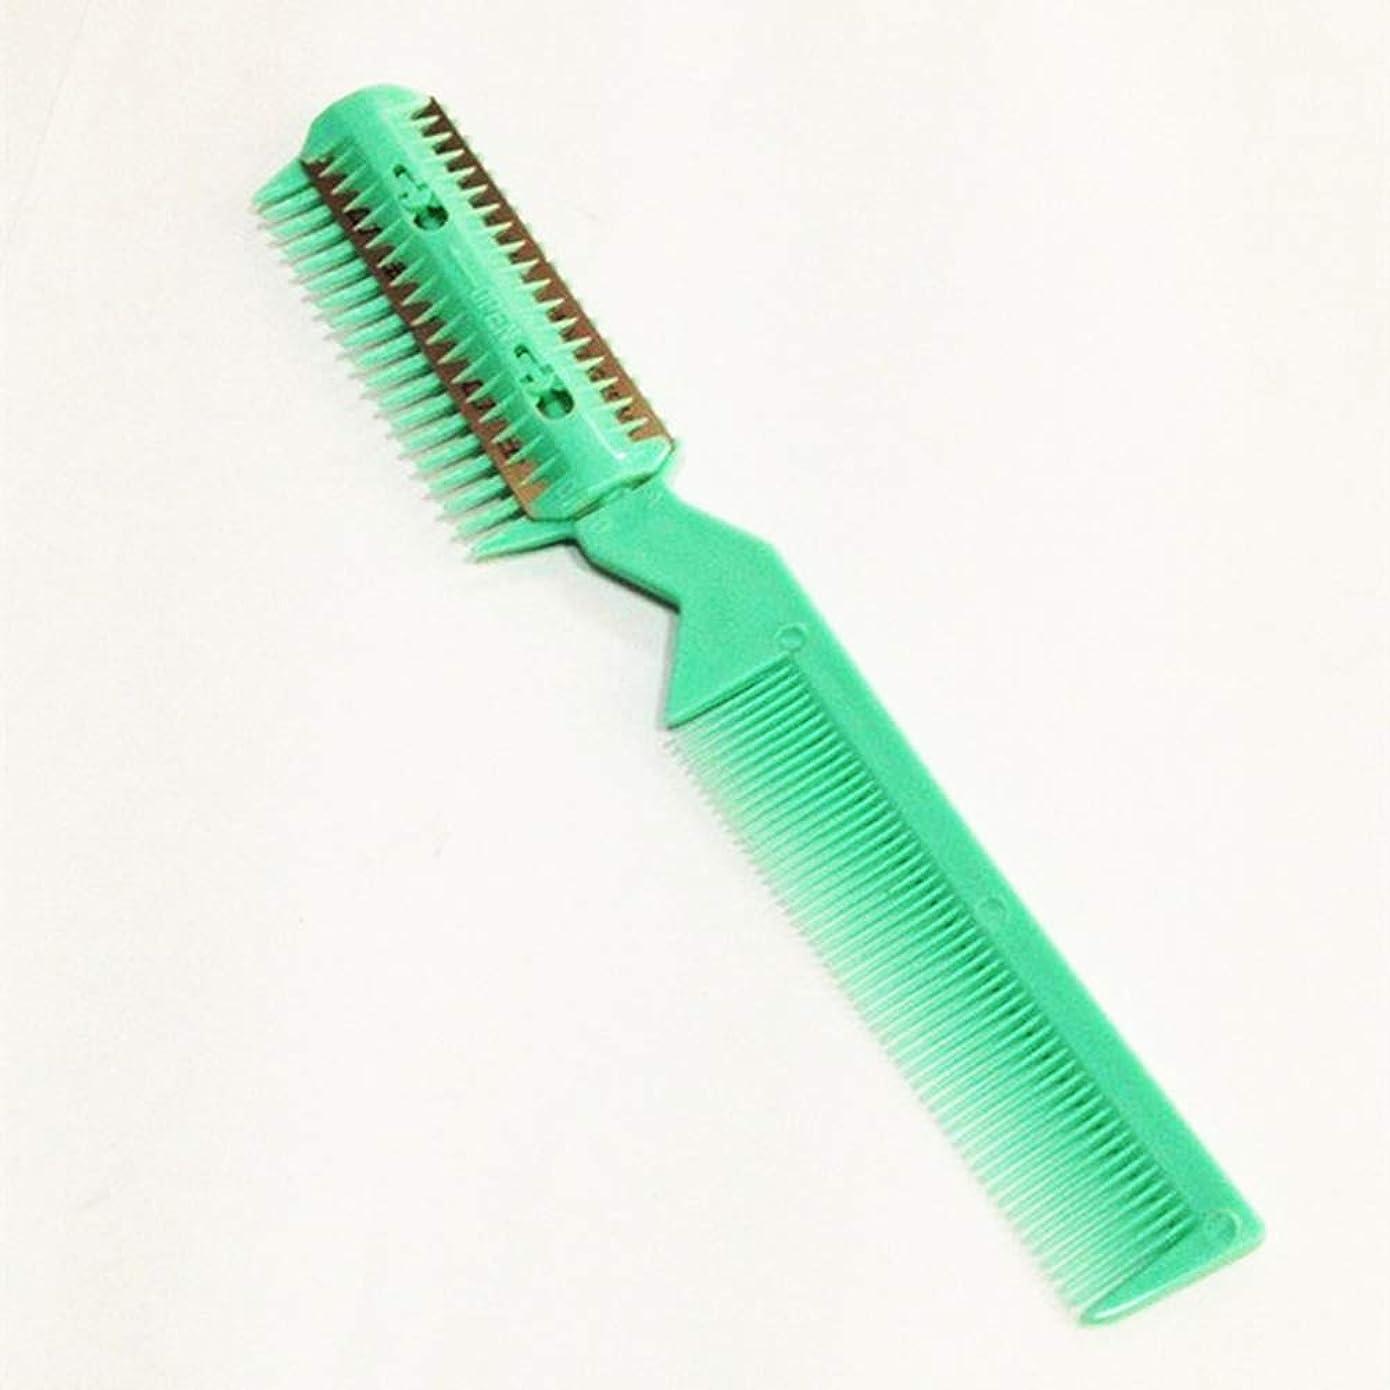 理由トレーニング貯水池Healifty 毛かみそりの櫛の二重側面を剃る刃の任意色で切る前髪のトリミング